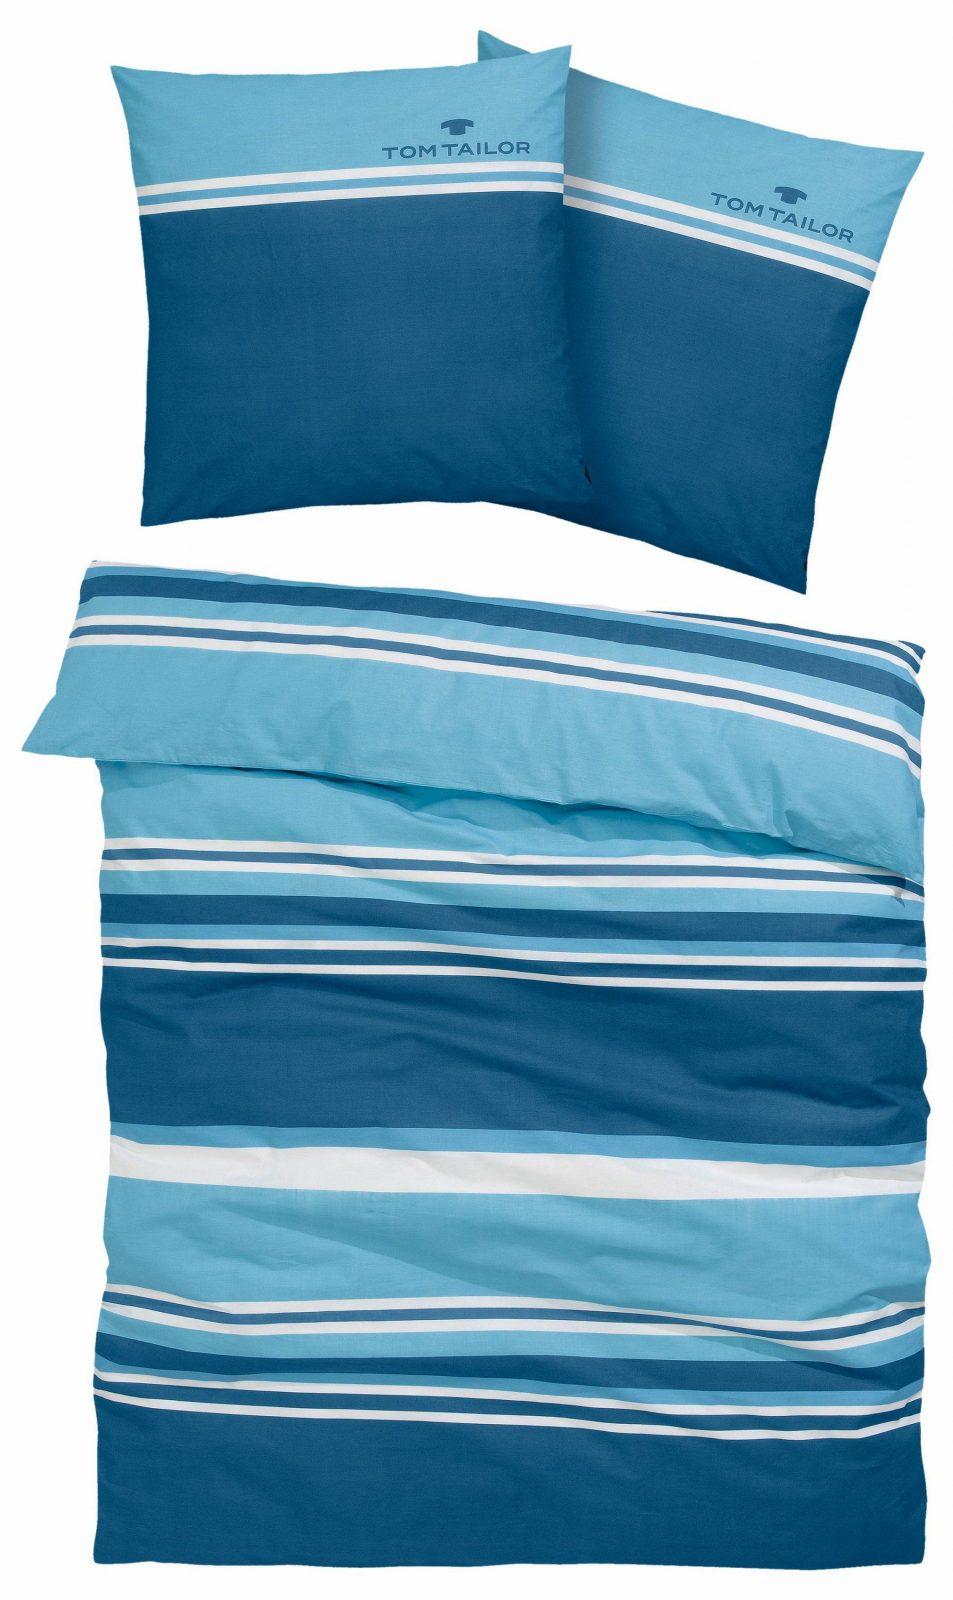 Bettwäsche Jun Tom Tailor Bestellen  Baur von Bettwäsche 155X220 Tom Tailor Bild